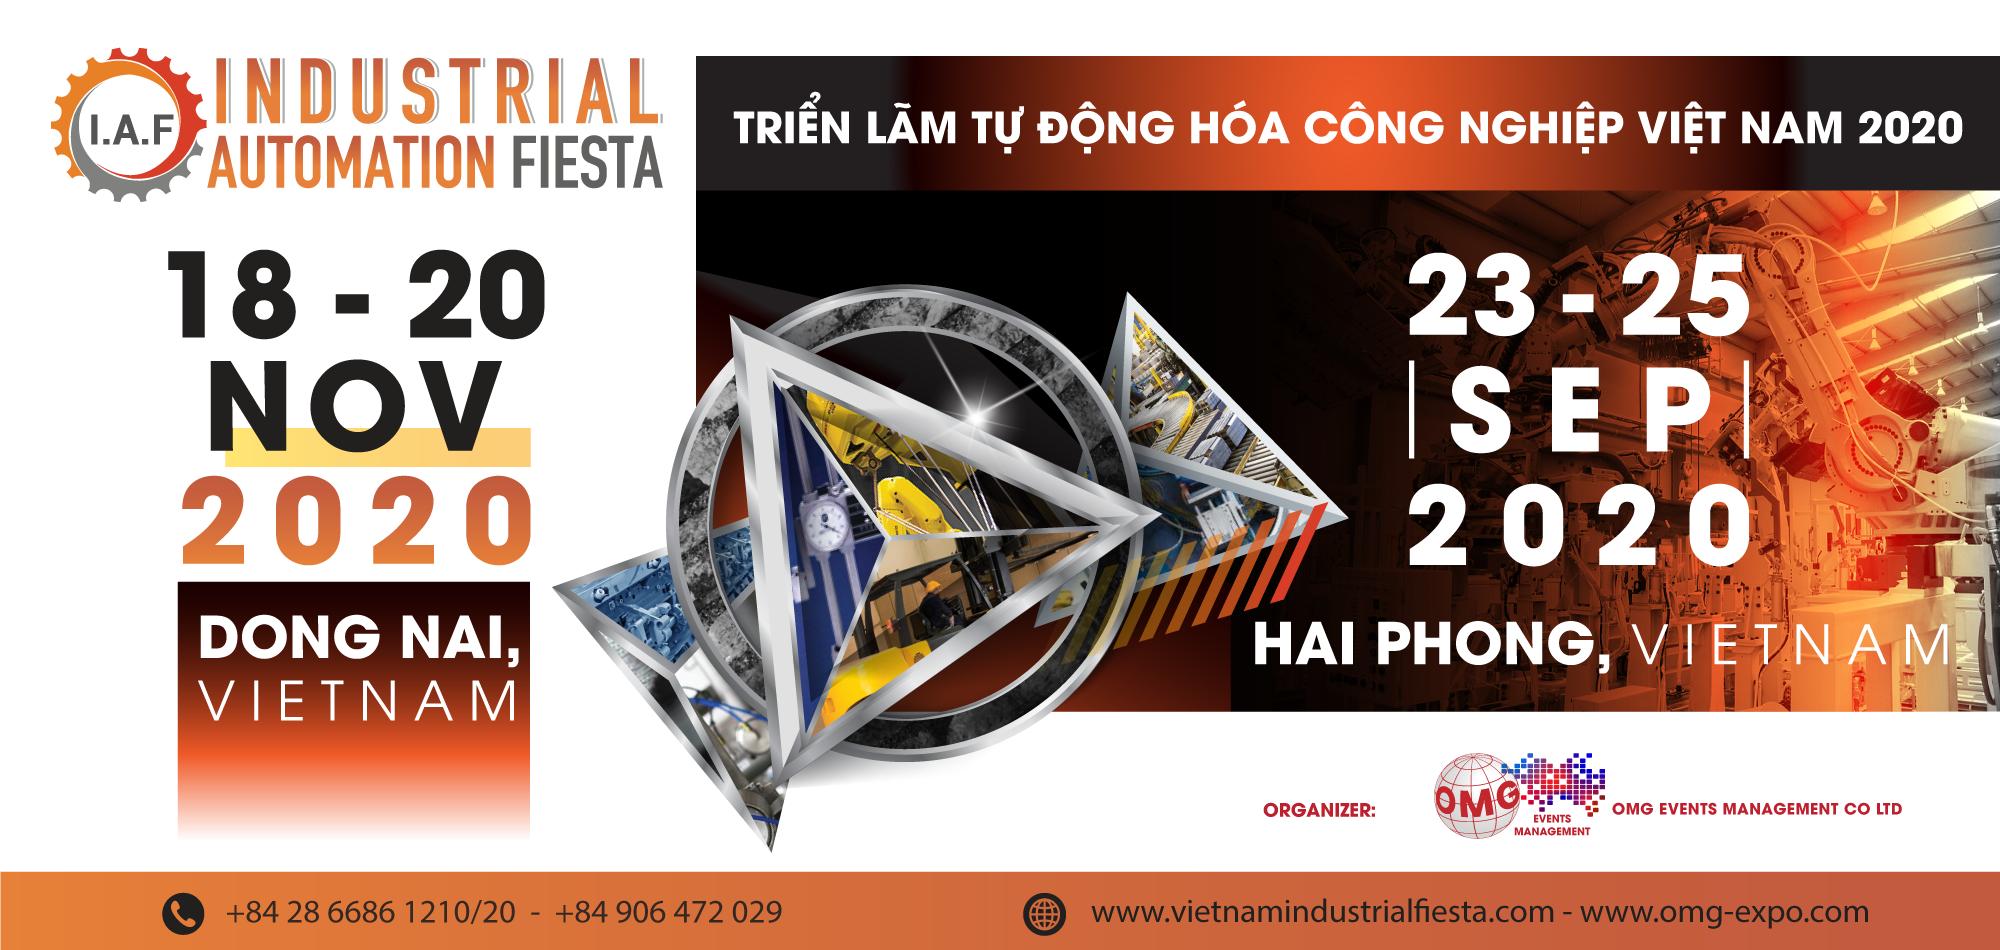 riển lãm Công nghiệp & Sản xuất Việt Nam 2020 tại Hải Phòng và Đồng Nai - 2